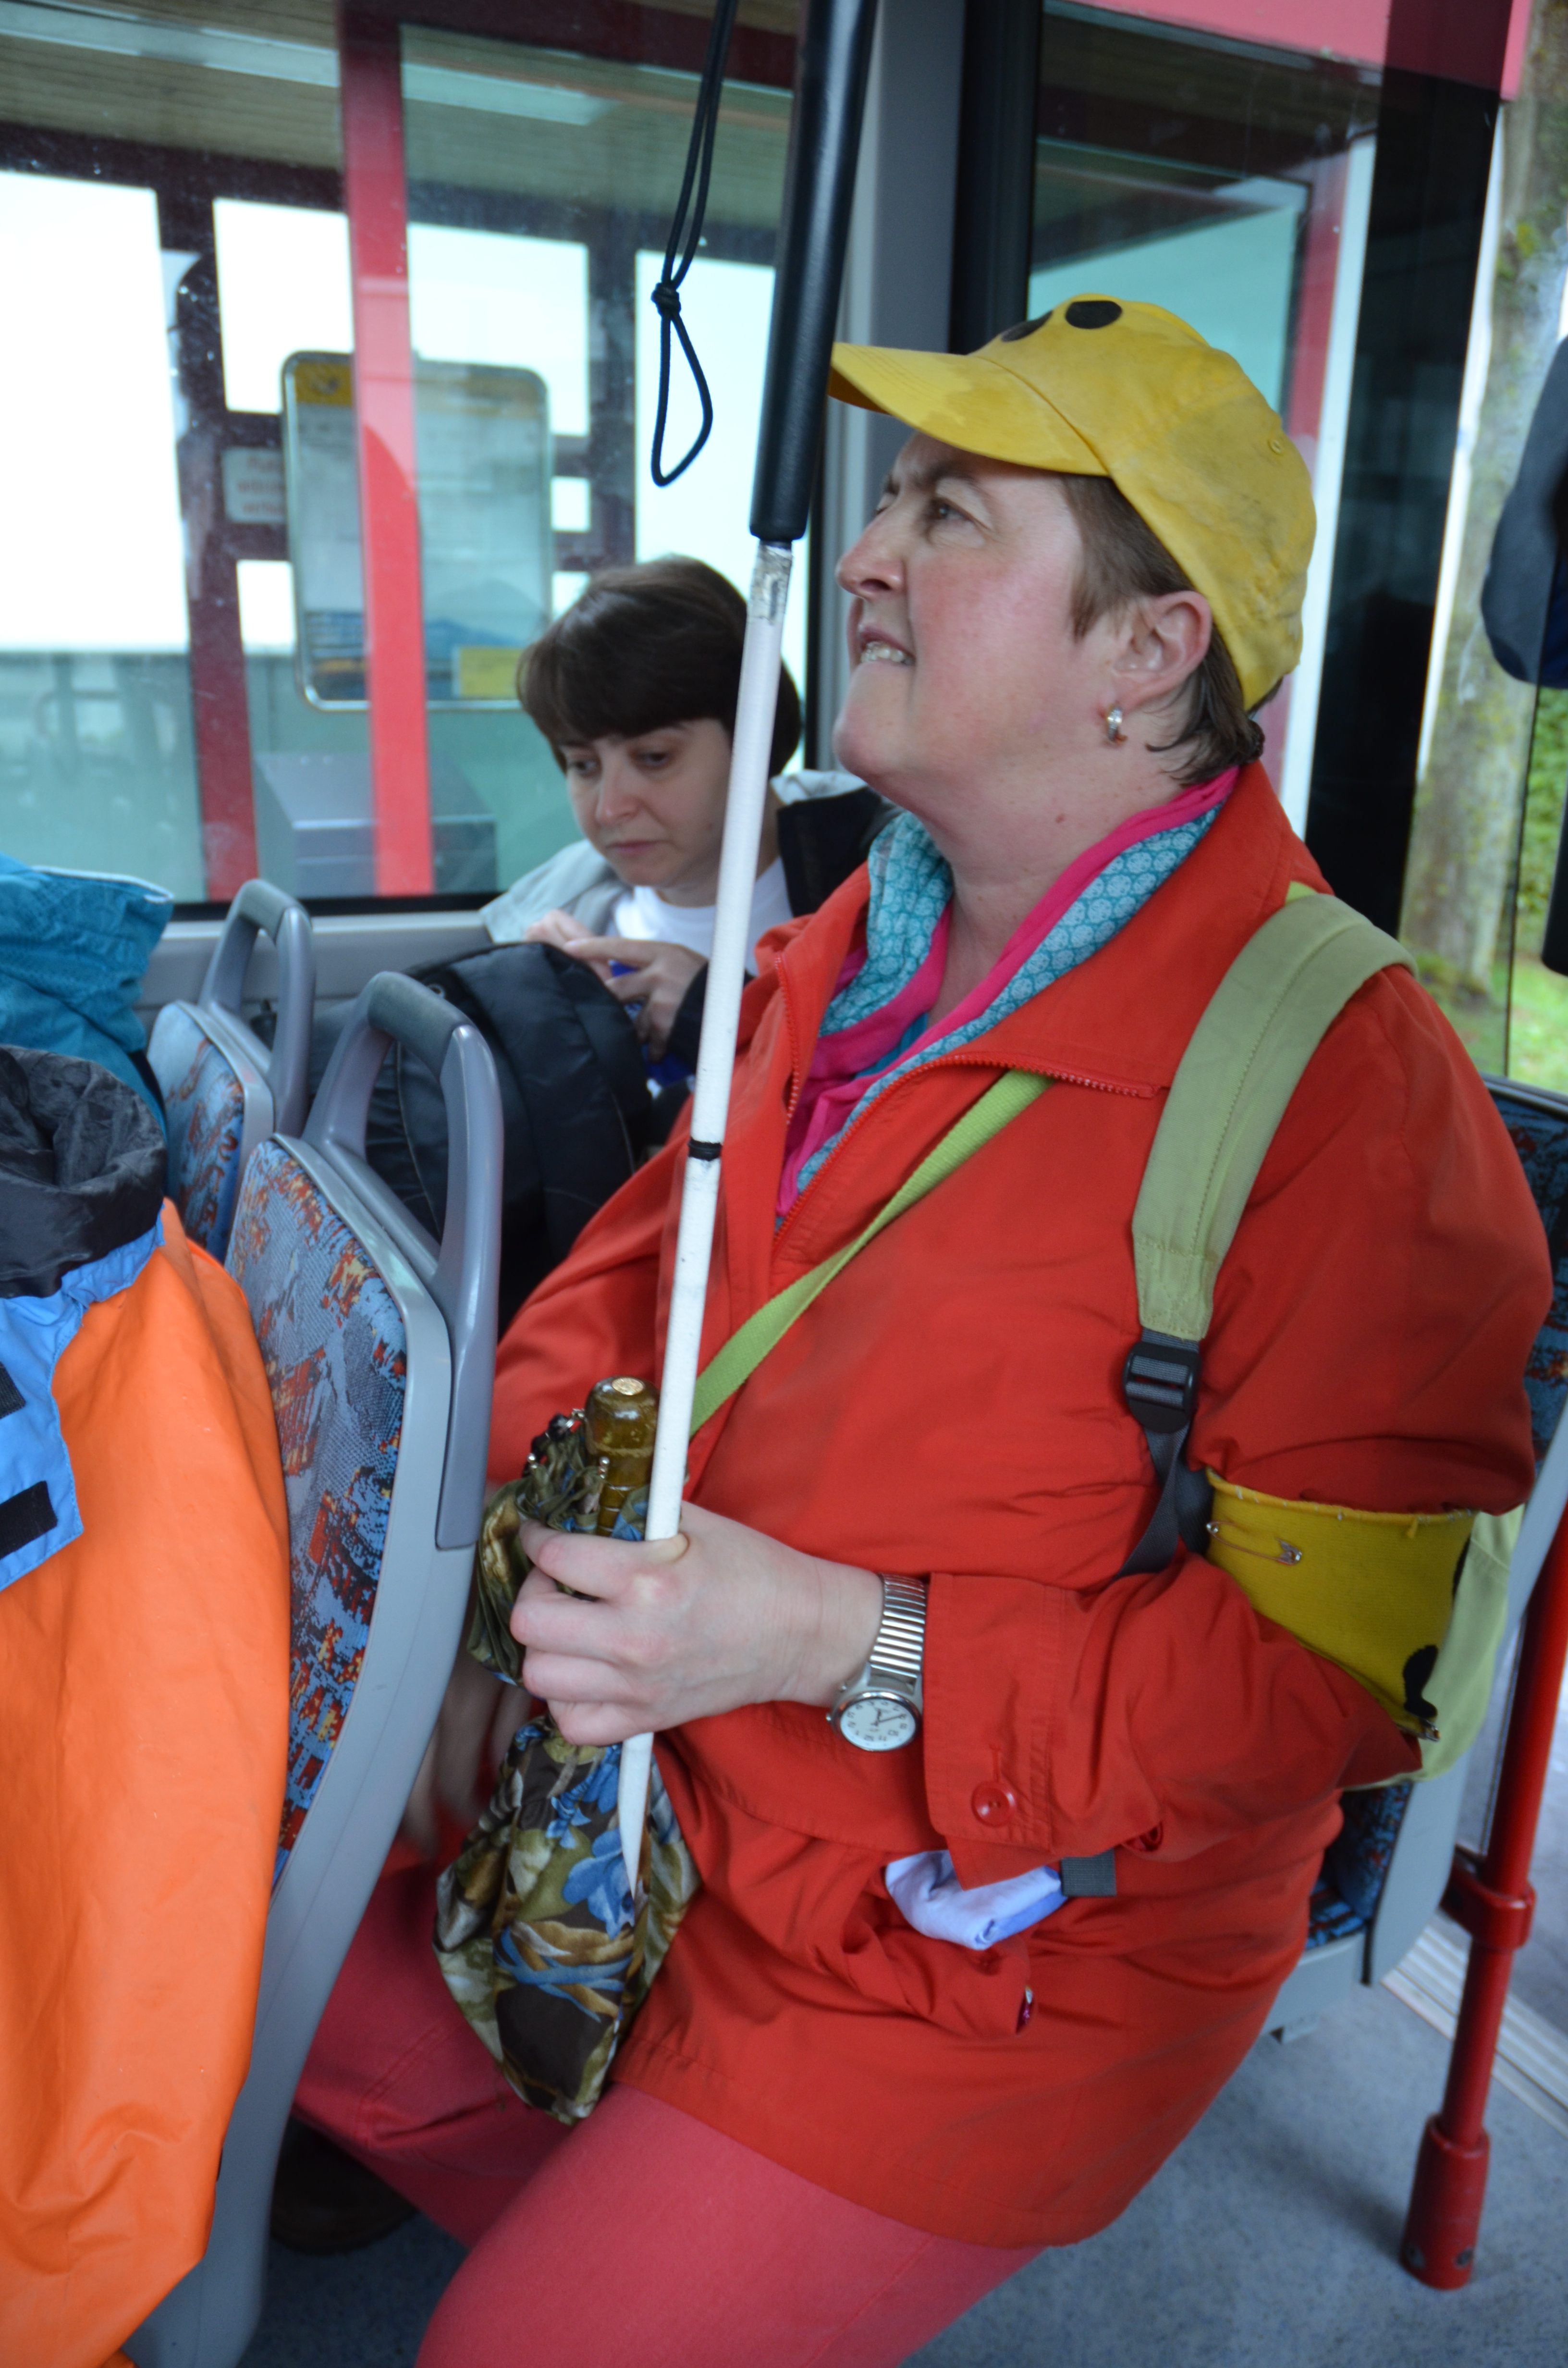 Sabine hat den weißen Stock dabei und trägt eine gelbe Kappe mit schwarzen Punkten und die passende Armbinde.